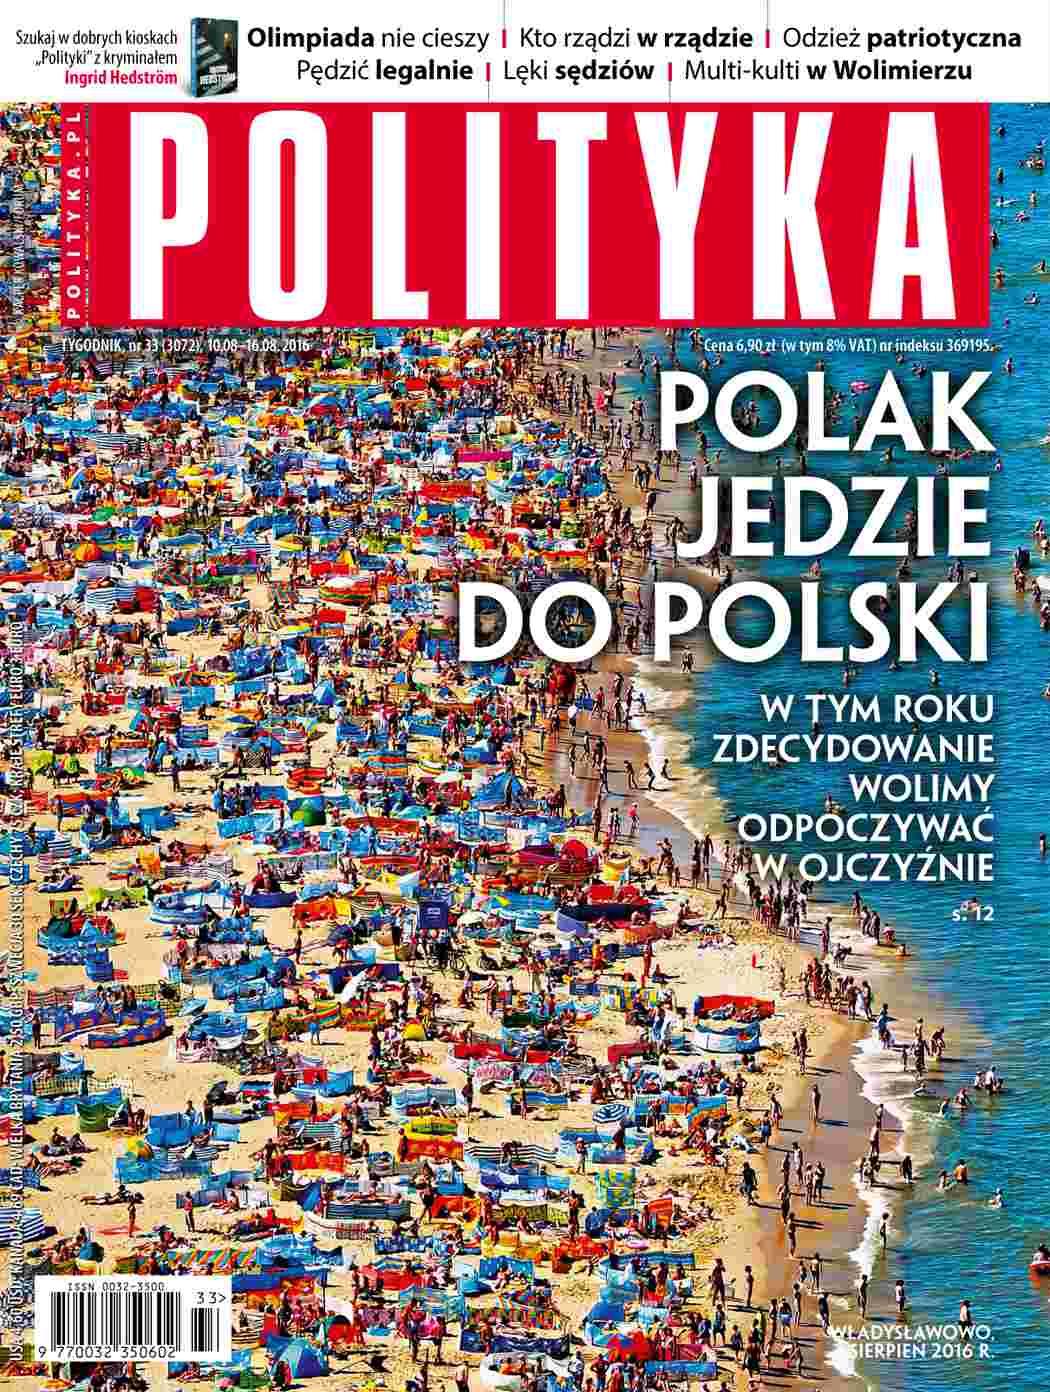 Polityka nr 33/2016 - Ebook (Książka PDF) do pobrania w formacie PDF